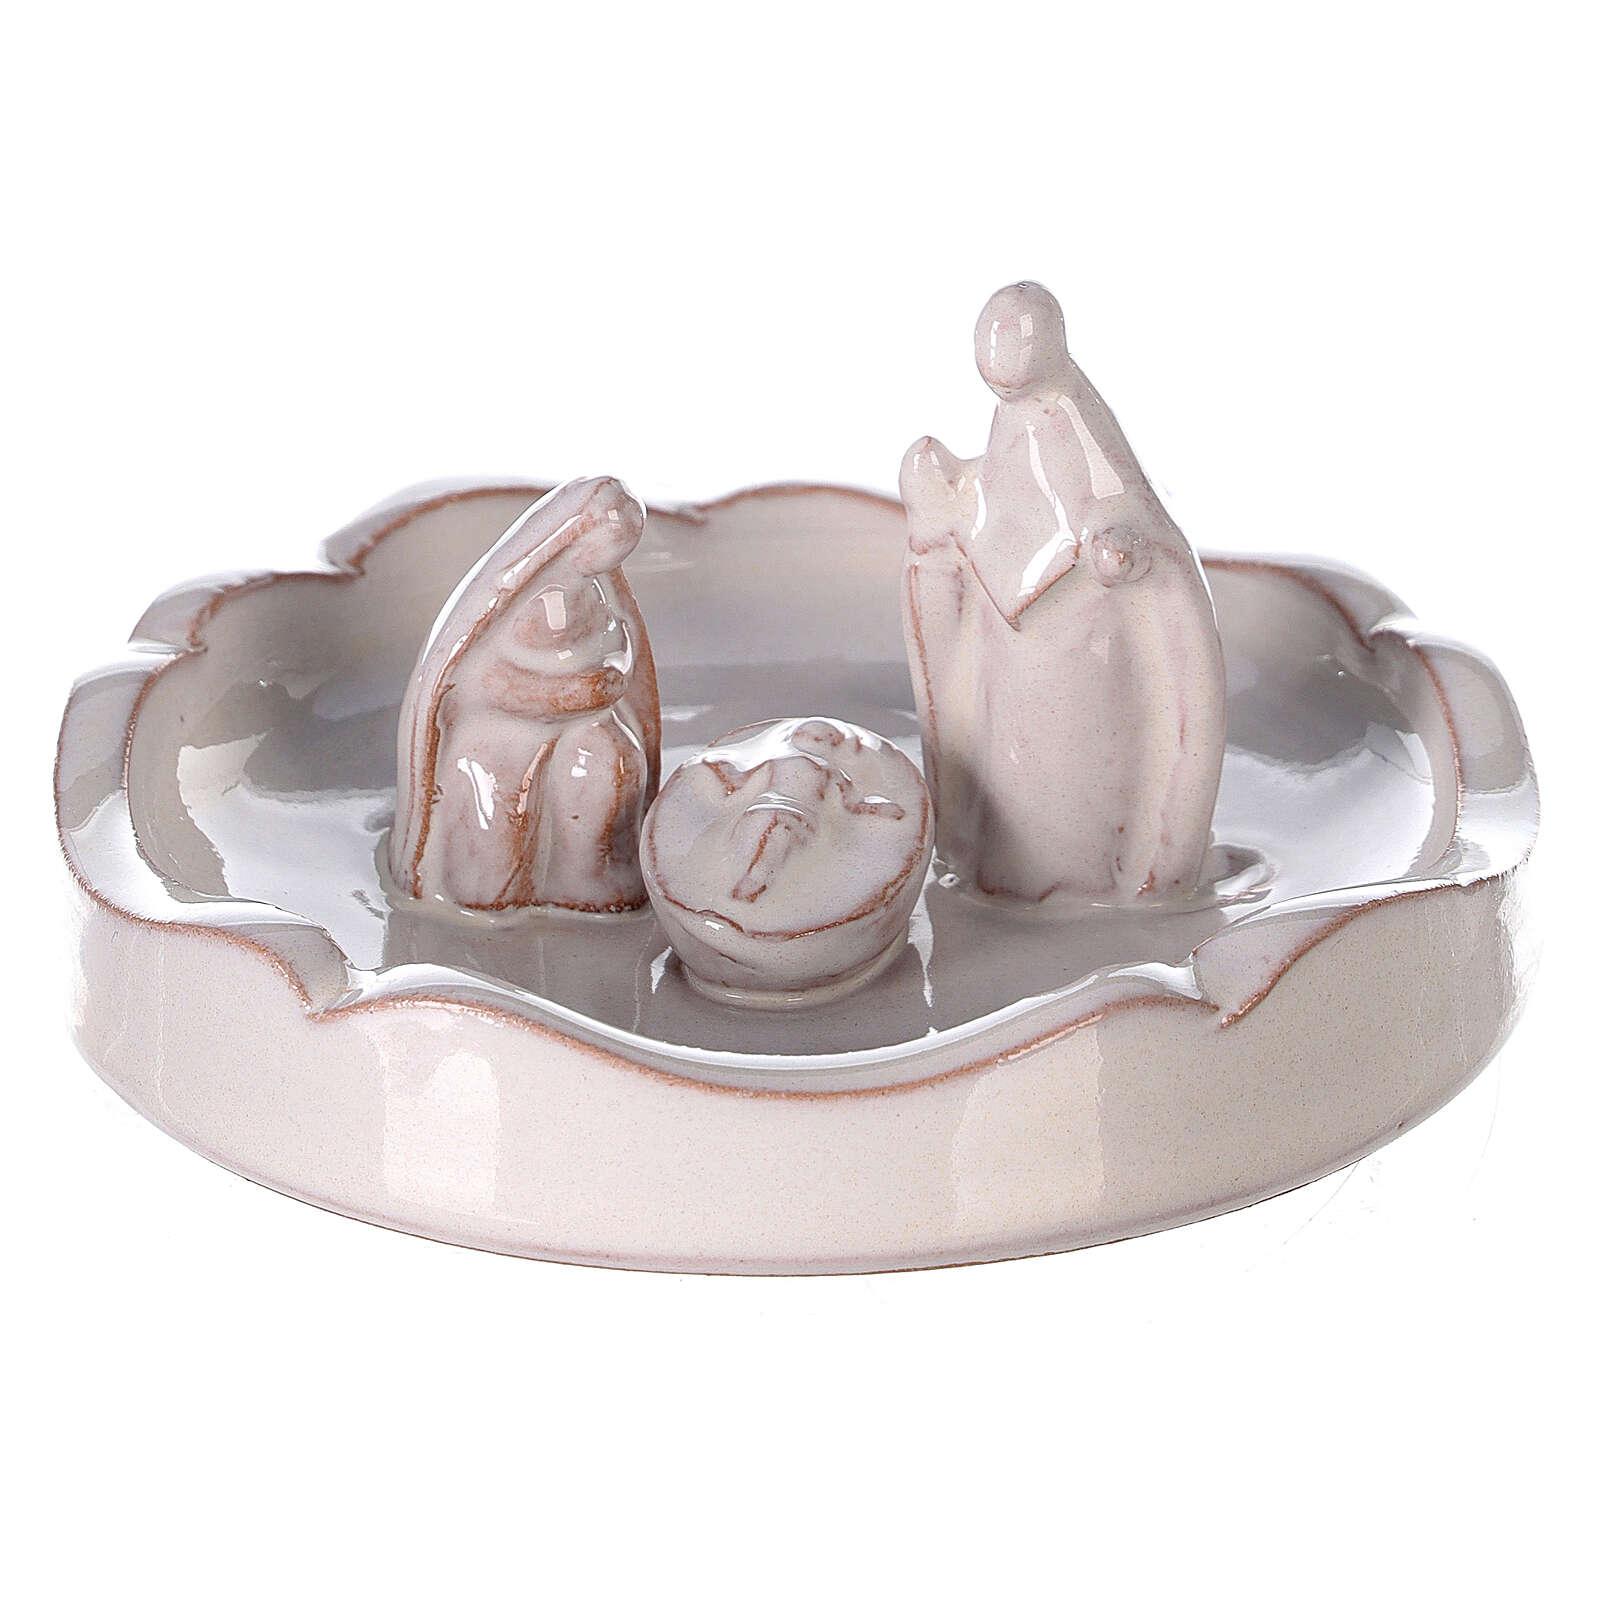 Pino tagliato terracotta Natività Deruta bianca 10 cm 4